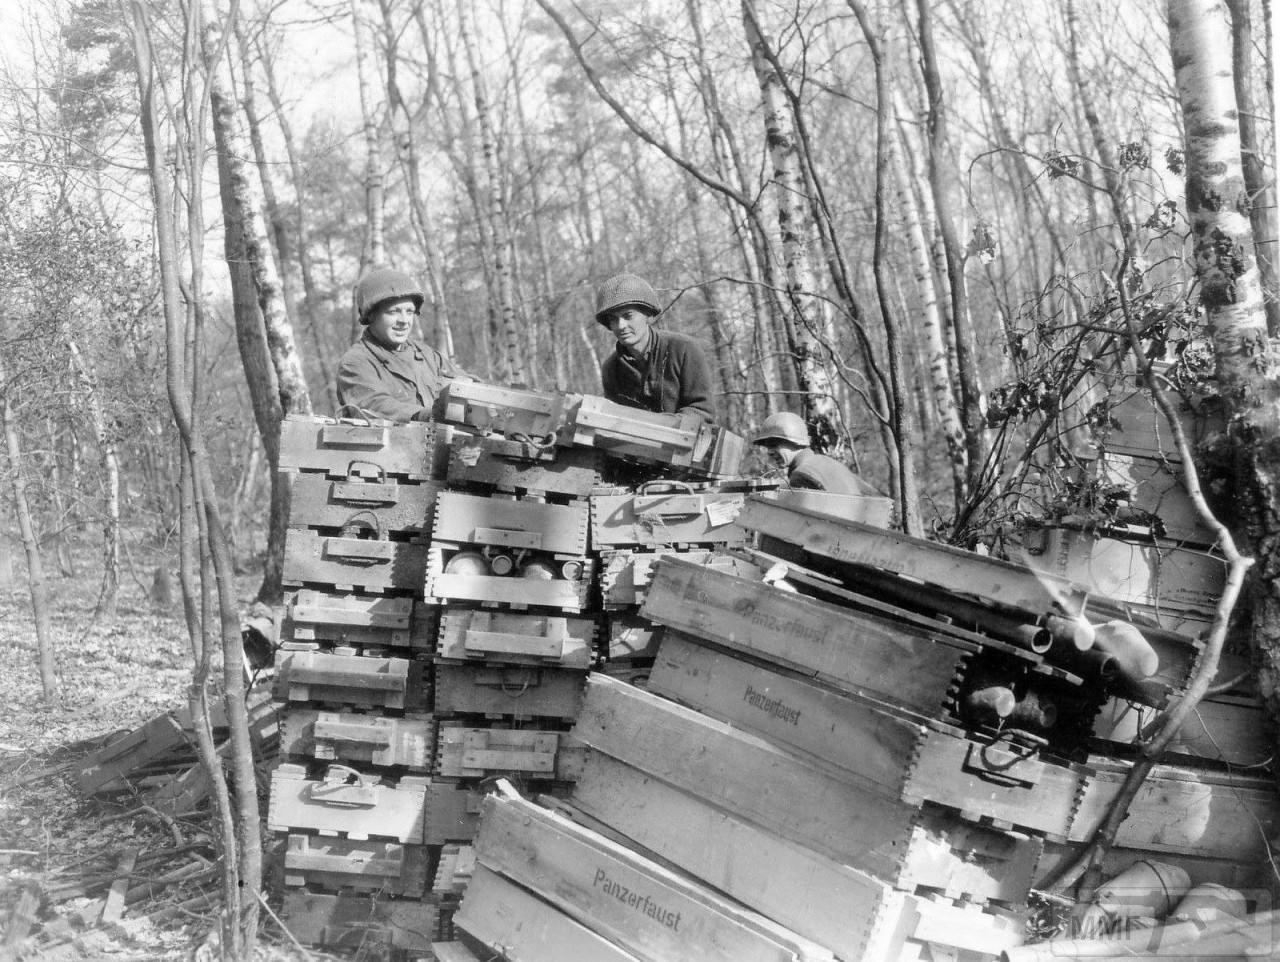 44885 - Ручной противотанковый гранатомет Panzerfaust (Faustpatrone)